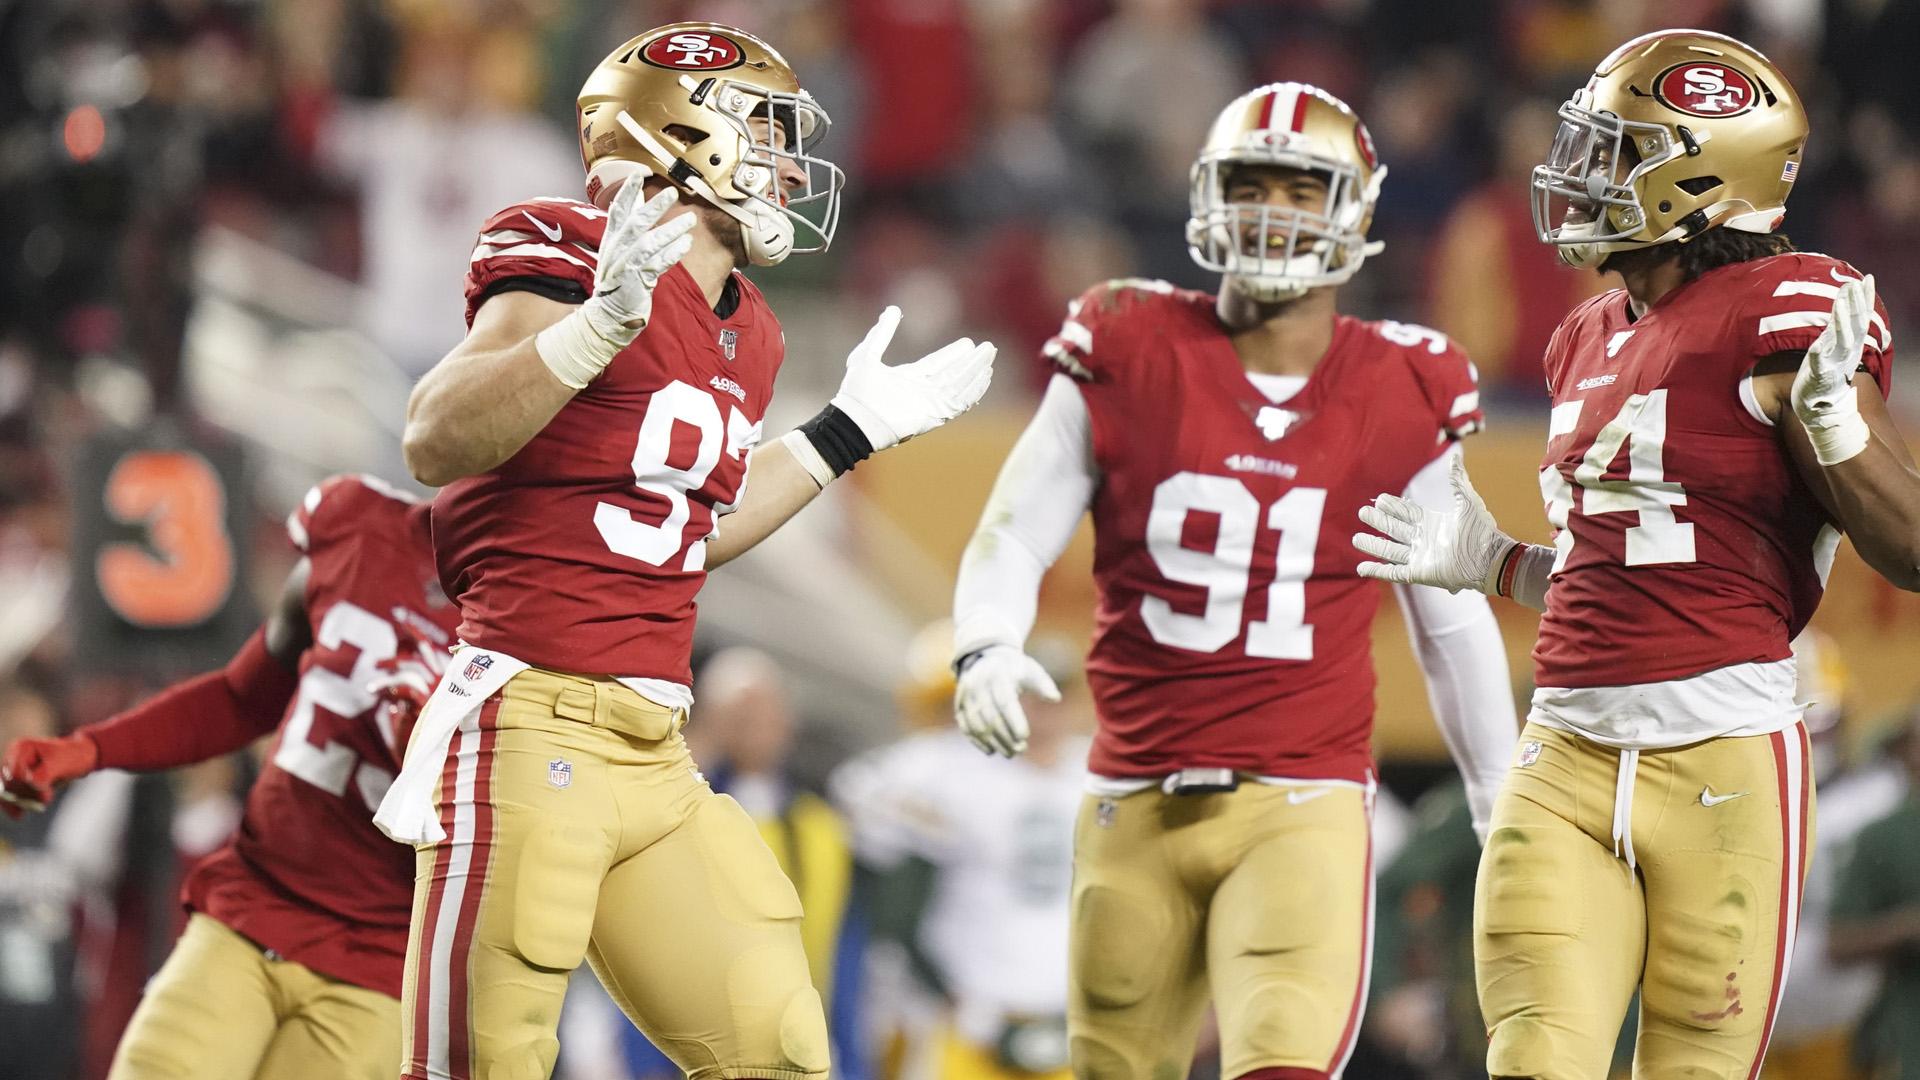 Super Bowl LIV odds 49ers underdogs vs Chiefs favorites vs 1920x1080